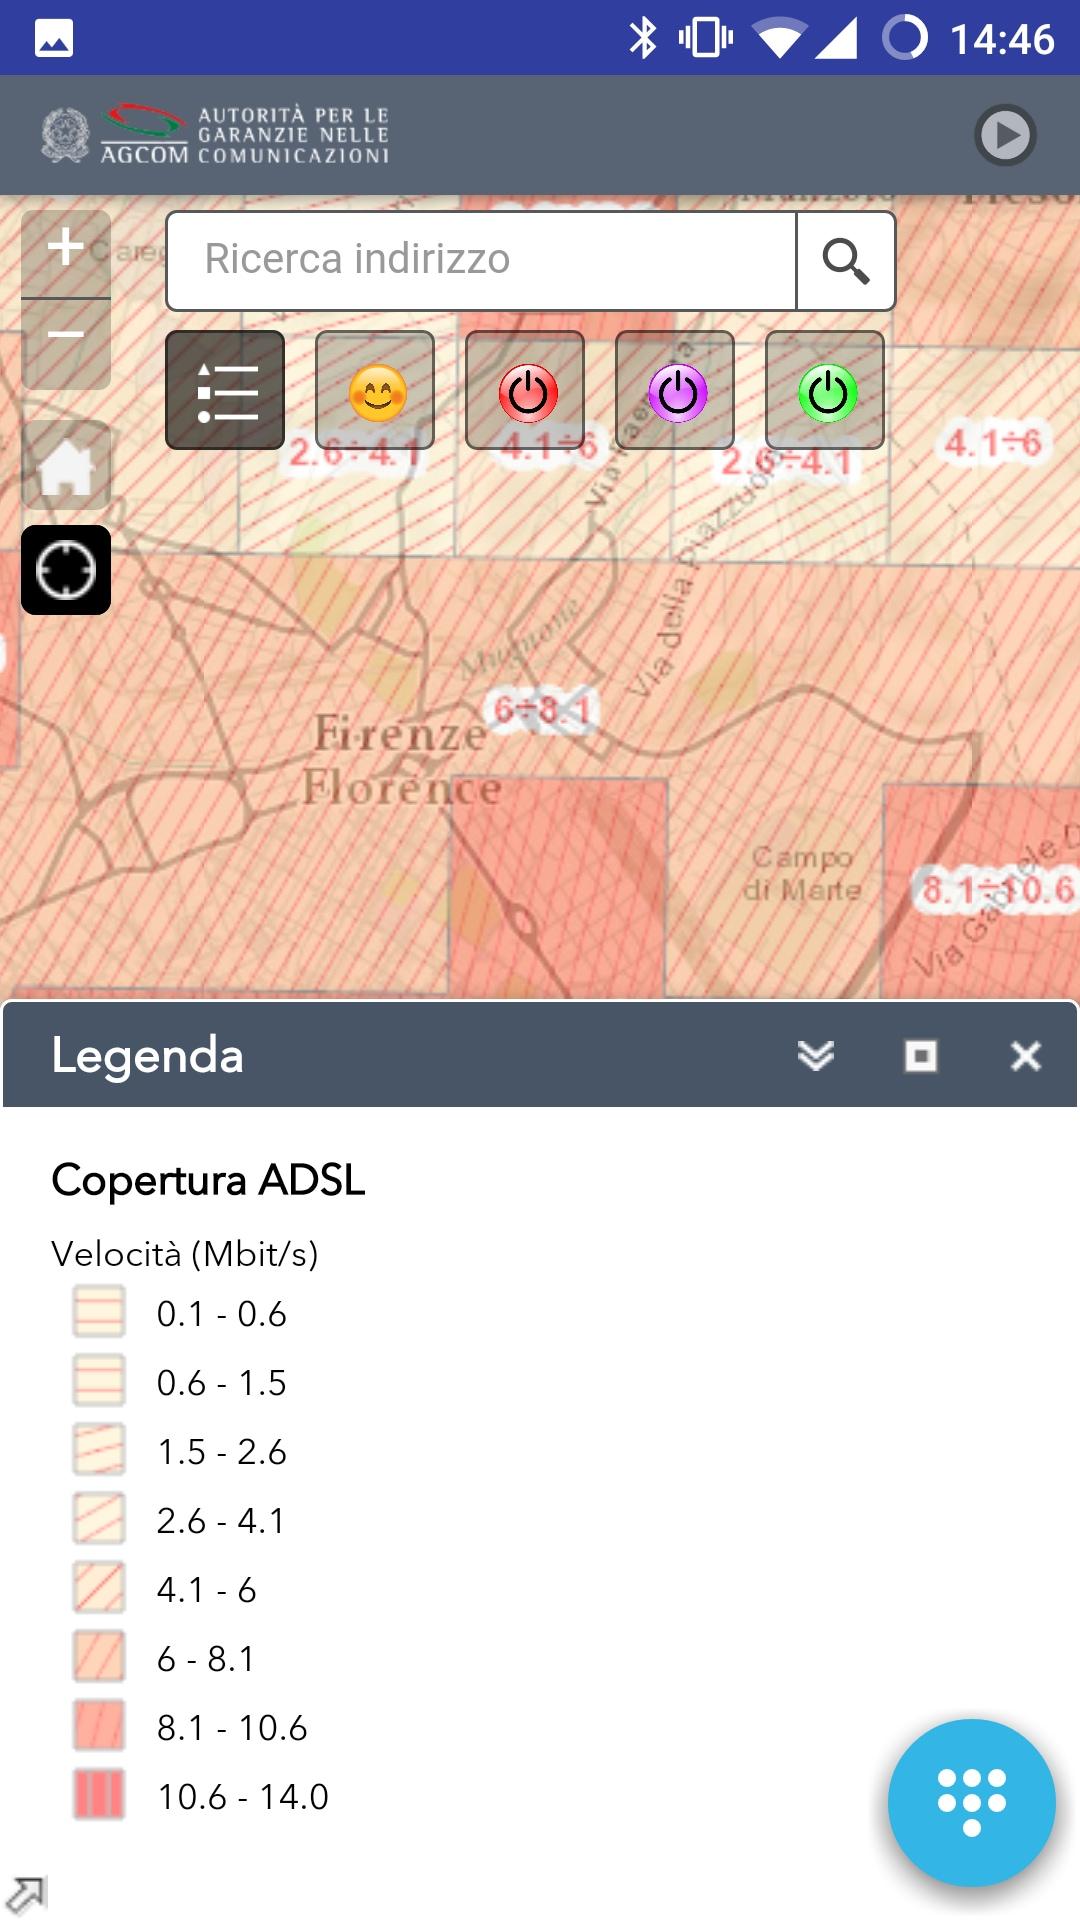 AGCOM BBmap (2)